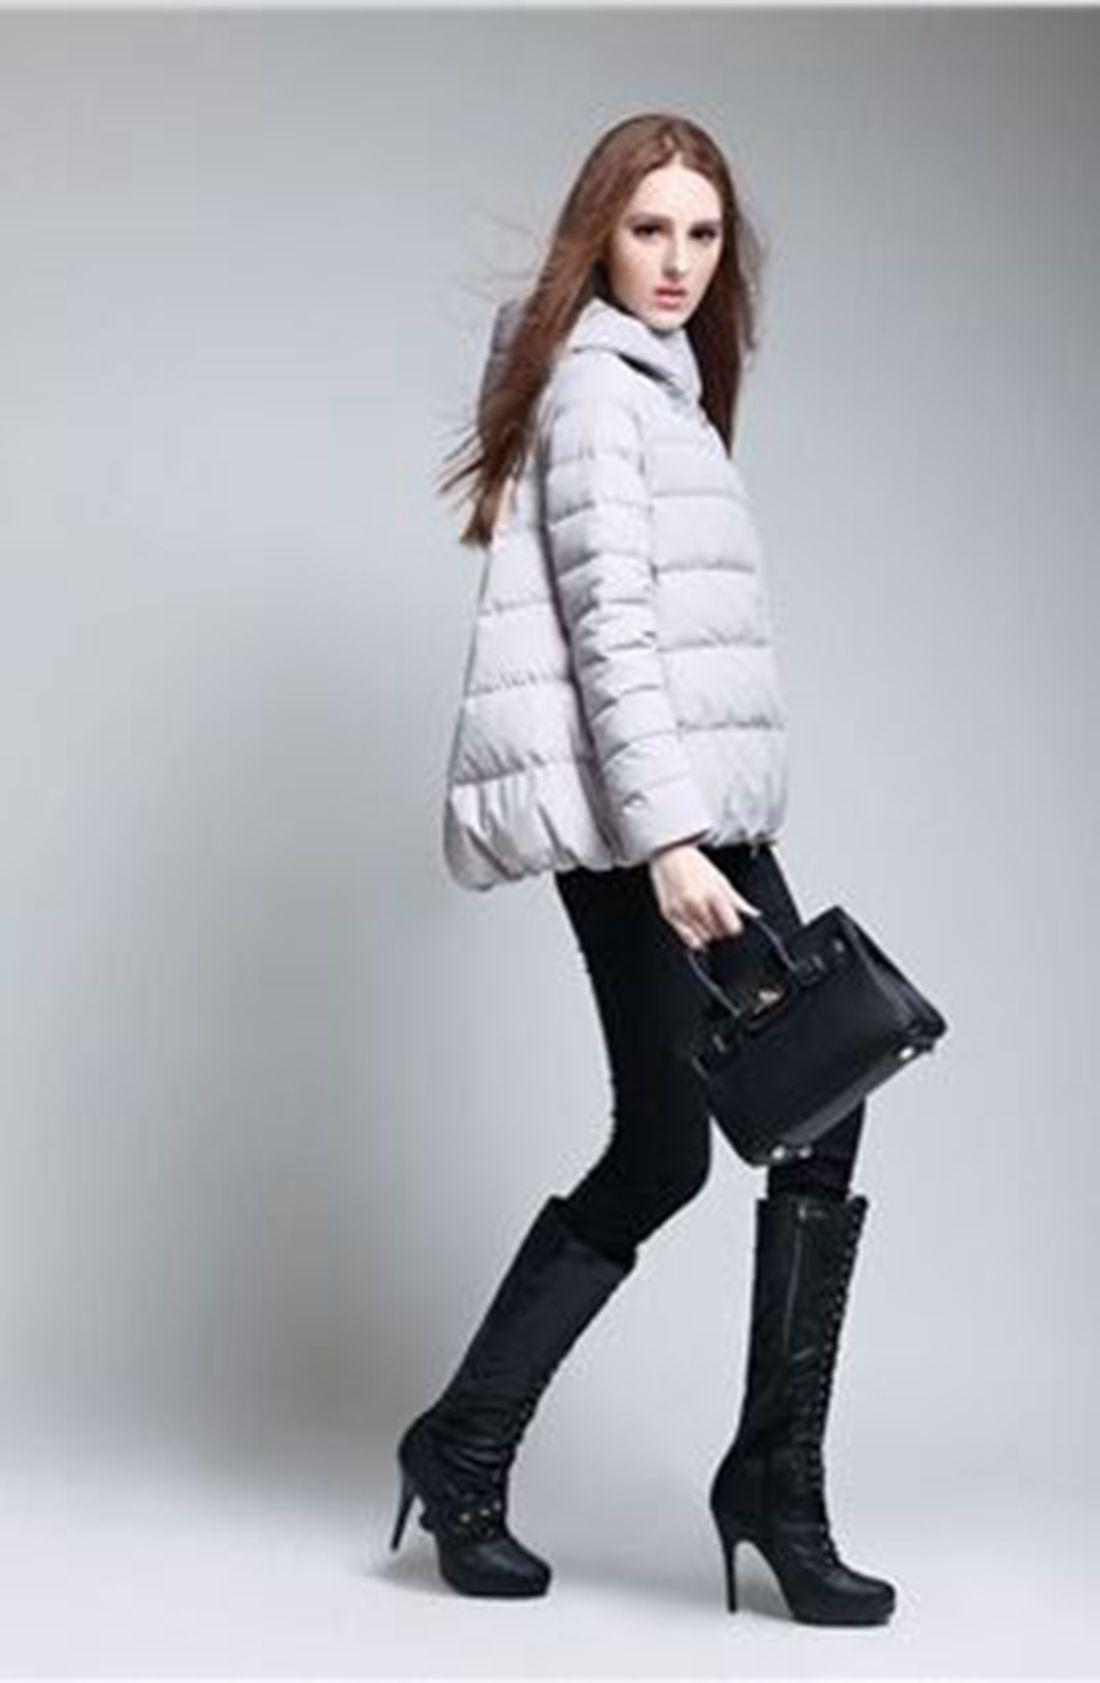 新品推荐超划算冬季时尚韩版休闲羽绒服女短款特价疯狂促销